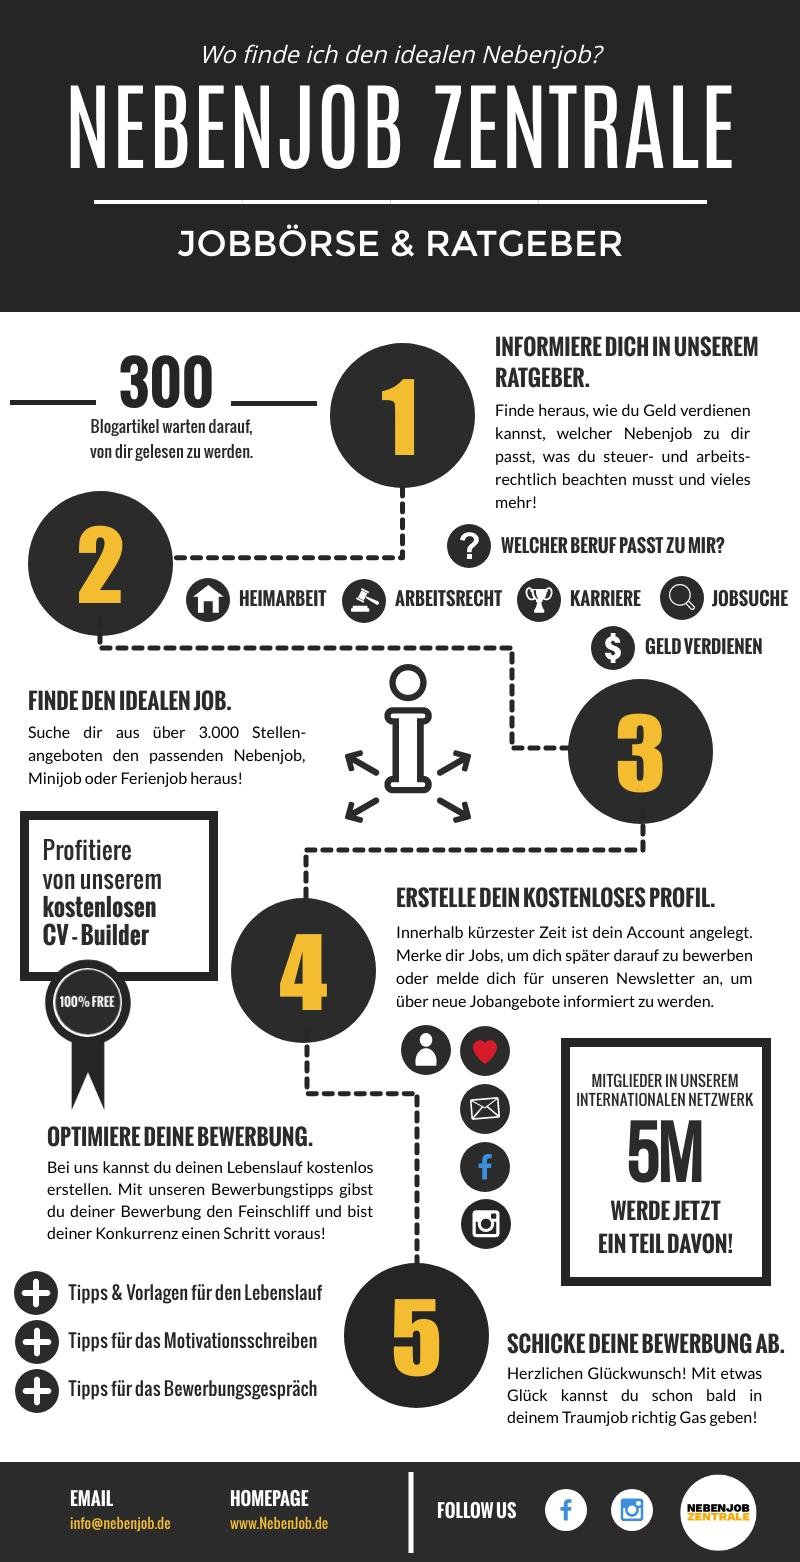 Infografik über die NebenJob Zentrale